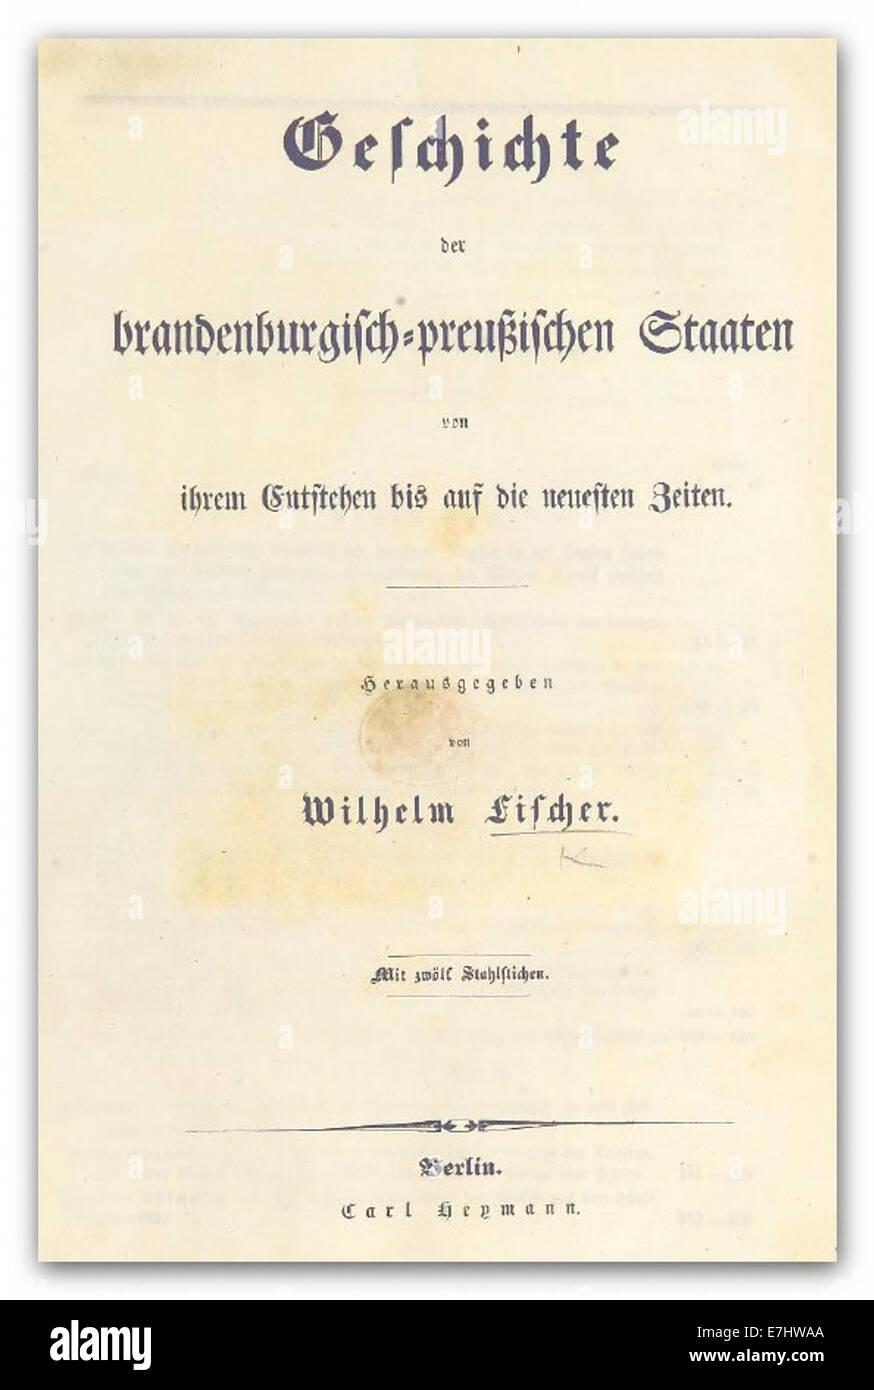 FISCHER(1836) Geschichte der brandenburgisch-preussischen Staaten - Stock Image